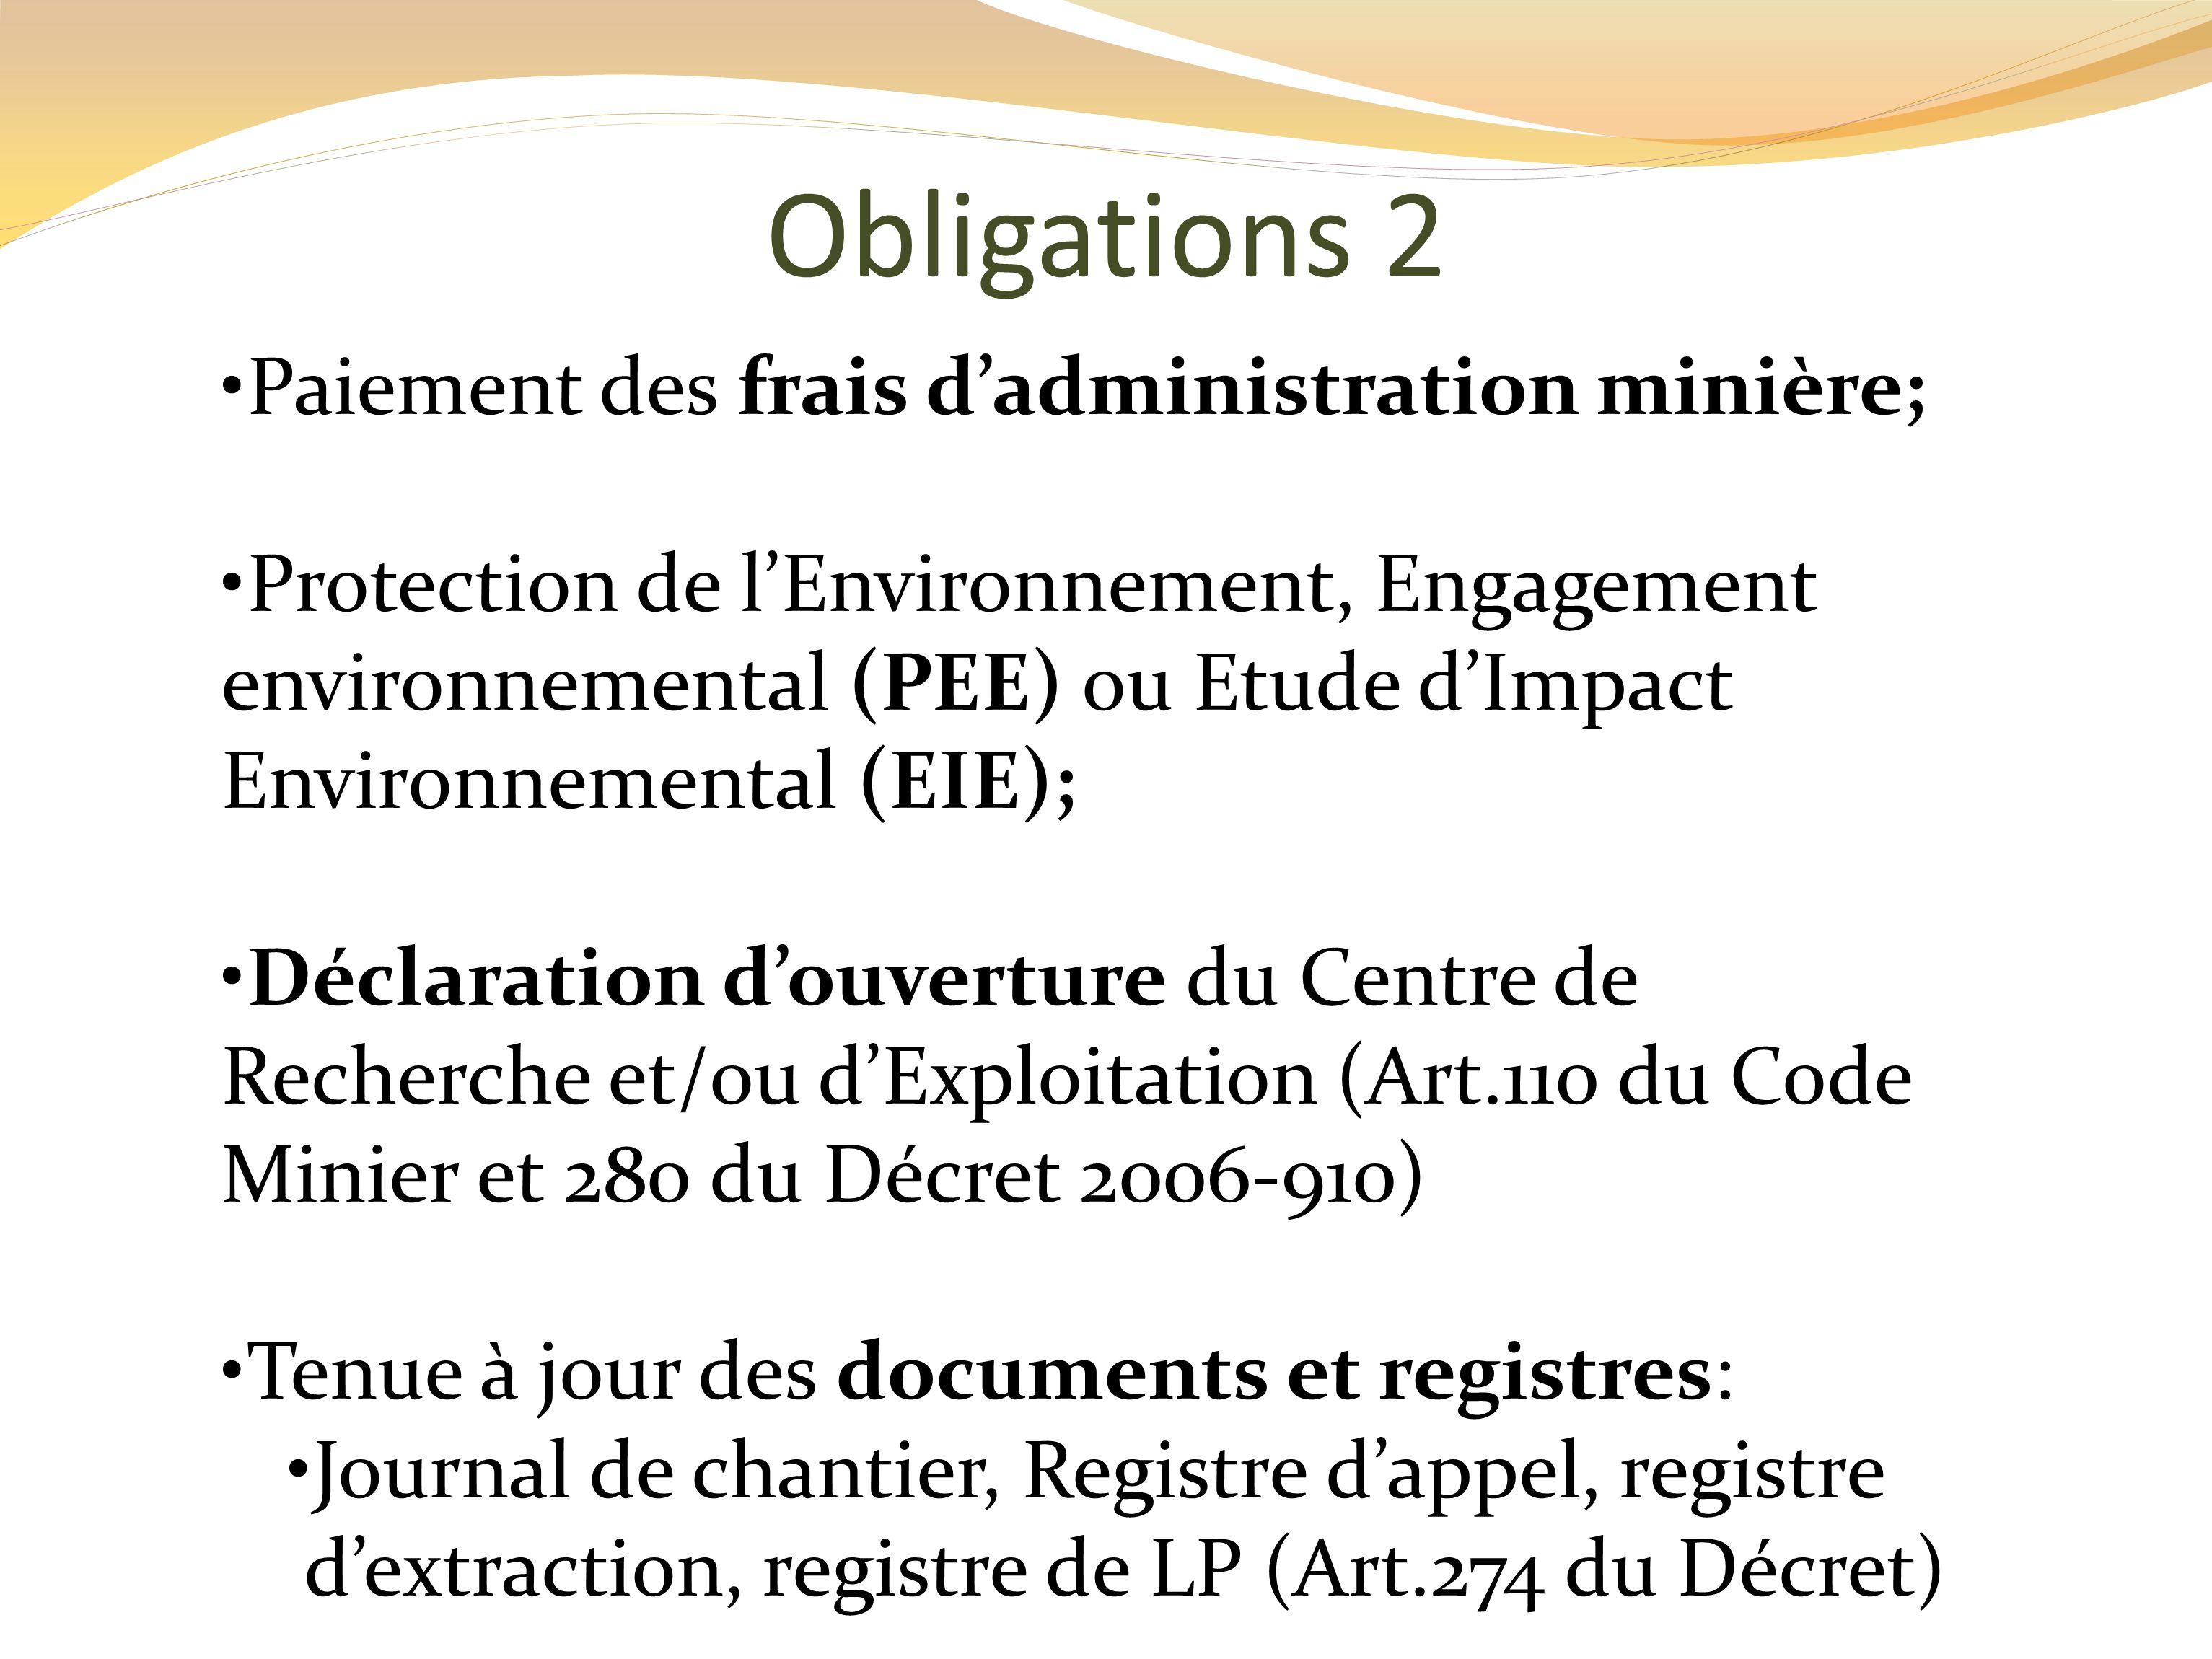 Obligations 2 Paiement des frais dadministration minière; Protection de lEnvironnement, Engagement environnemental (PEE) ou Etude dImpact Environnemental (EIE); Déclaration douverture du Centre de Recherche et/ou dExploitation (Art.110 du Code Minier et 280 du Décret 2006-910) Tenue à jour des documents et registres: Journal de chantier, Registre dappel, registre dextraction, registre de LP (Art.274 du Décret)